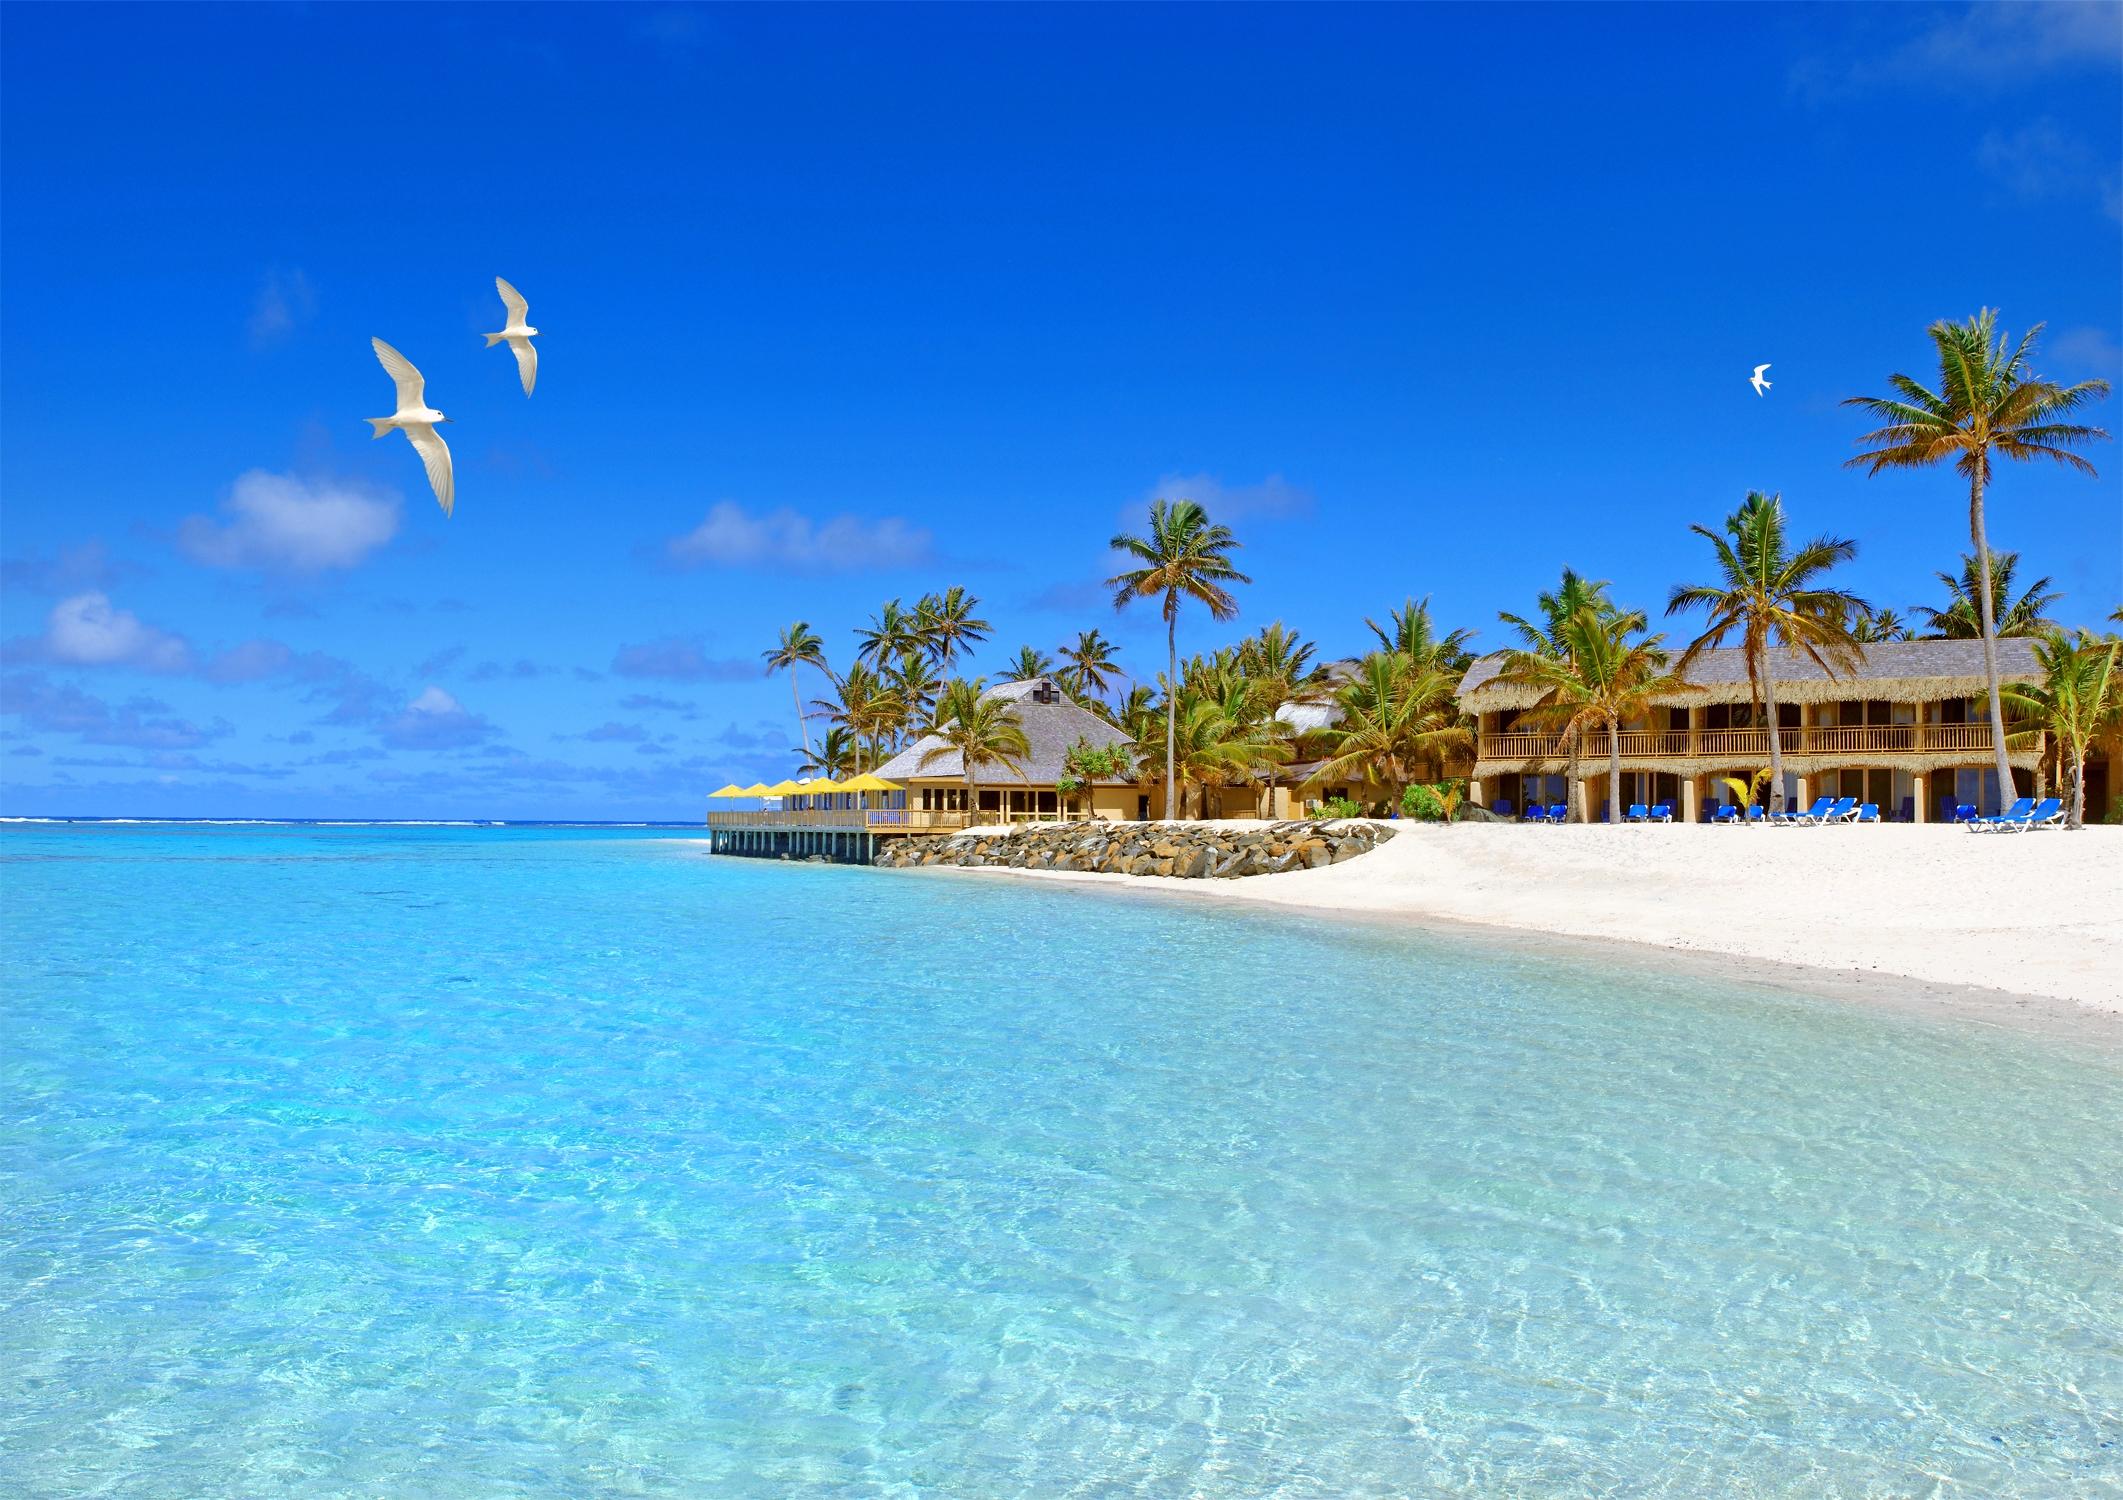 一度泊まってみたい!憧れの「海外ホテル」人気おすすめランキング